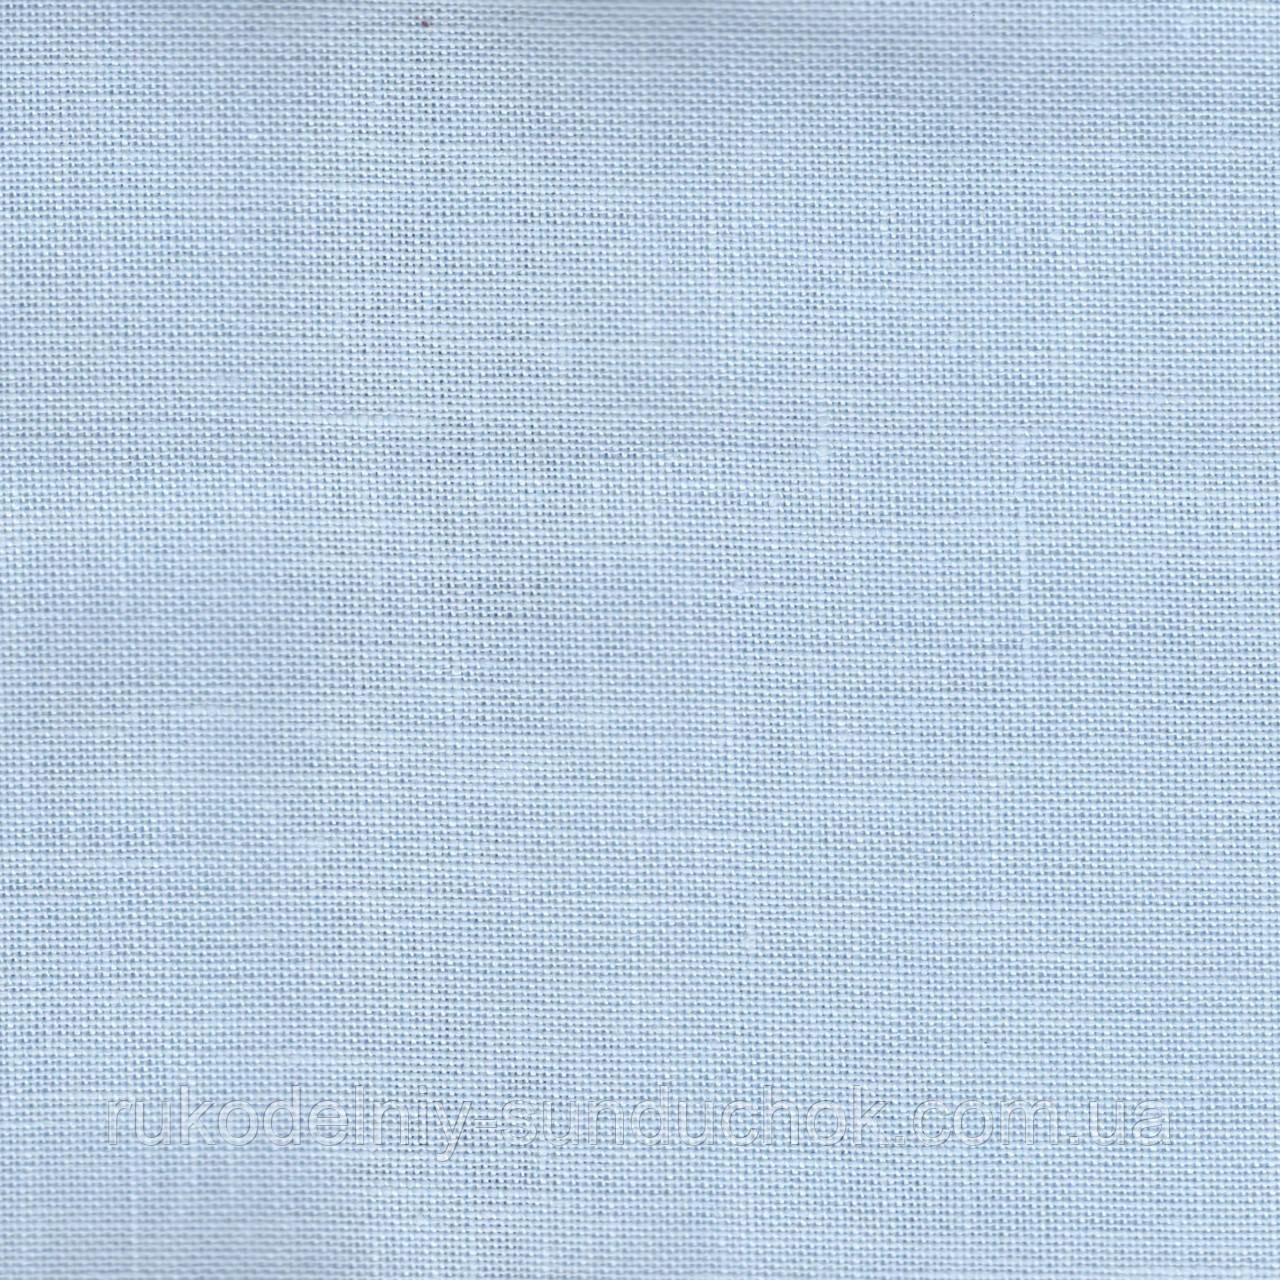 Ткань равномерного переплетения Zweigart Belfast 32 ct. 3609/562 Ice Blue (голубой лед)